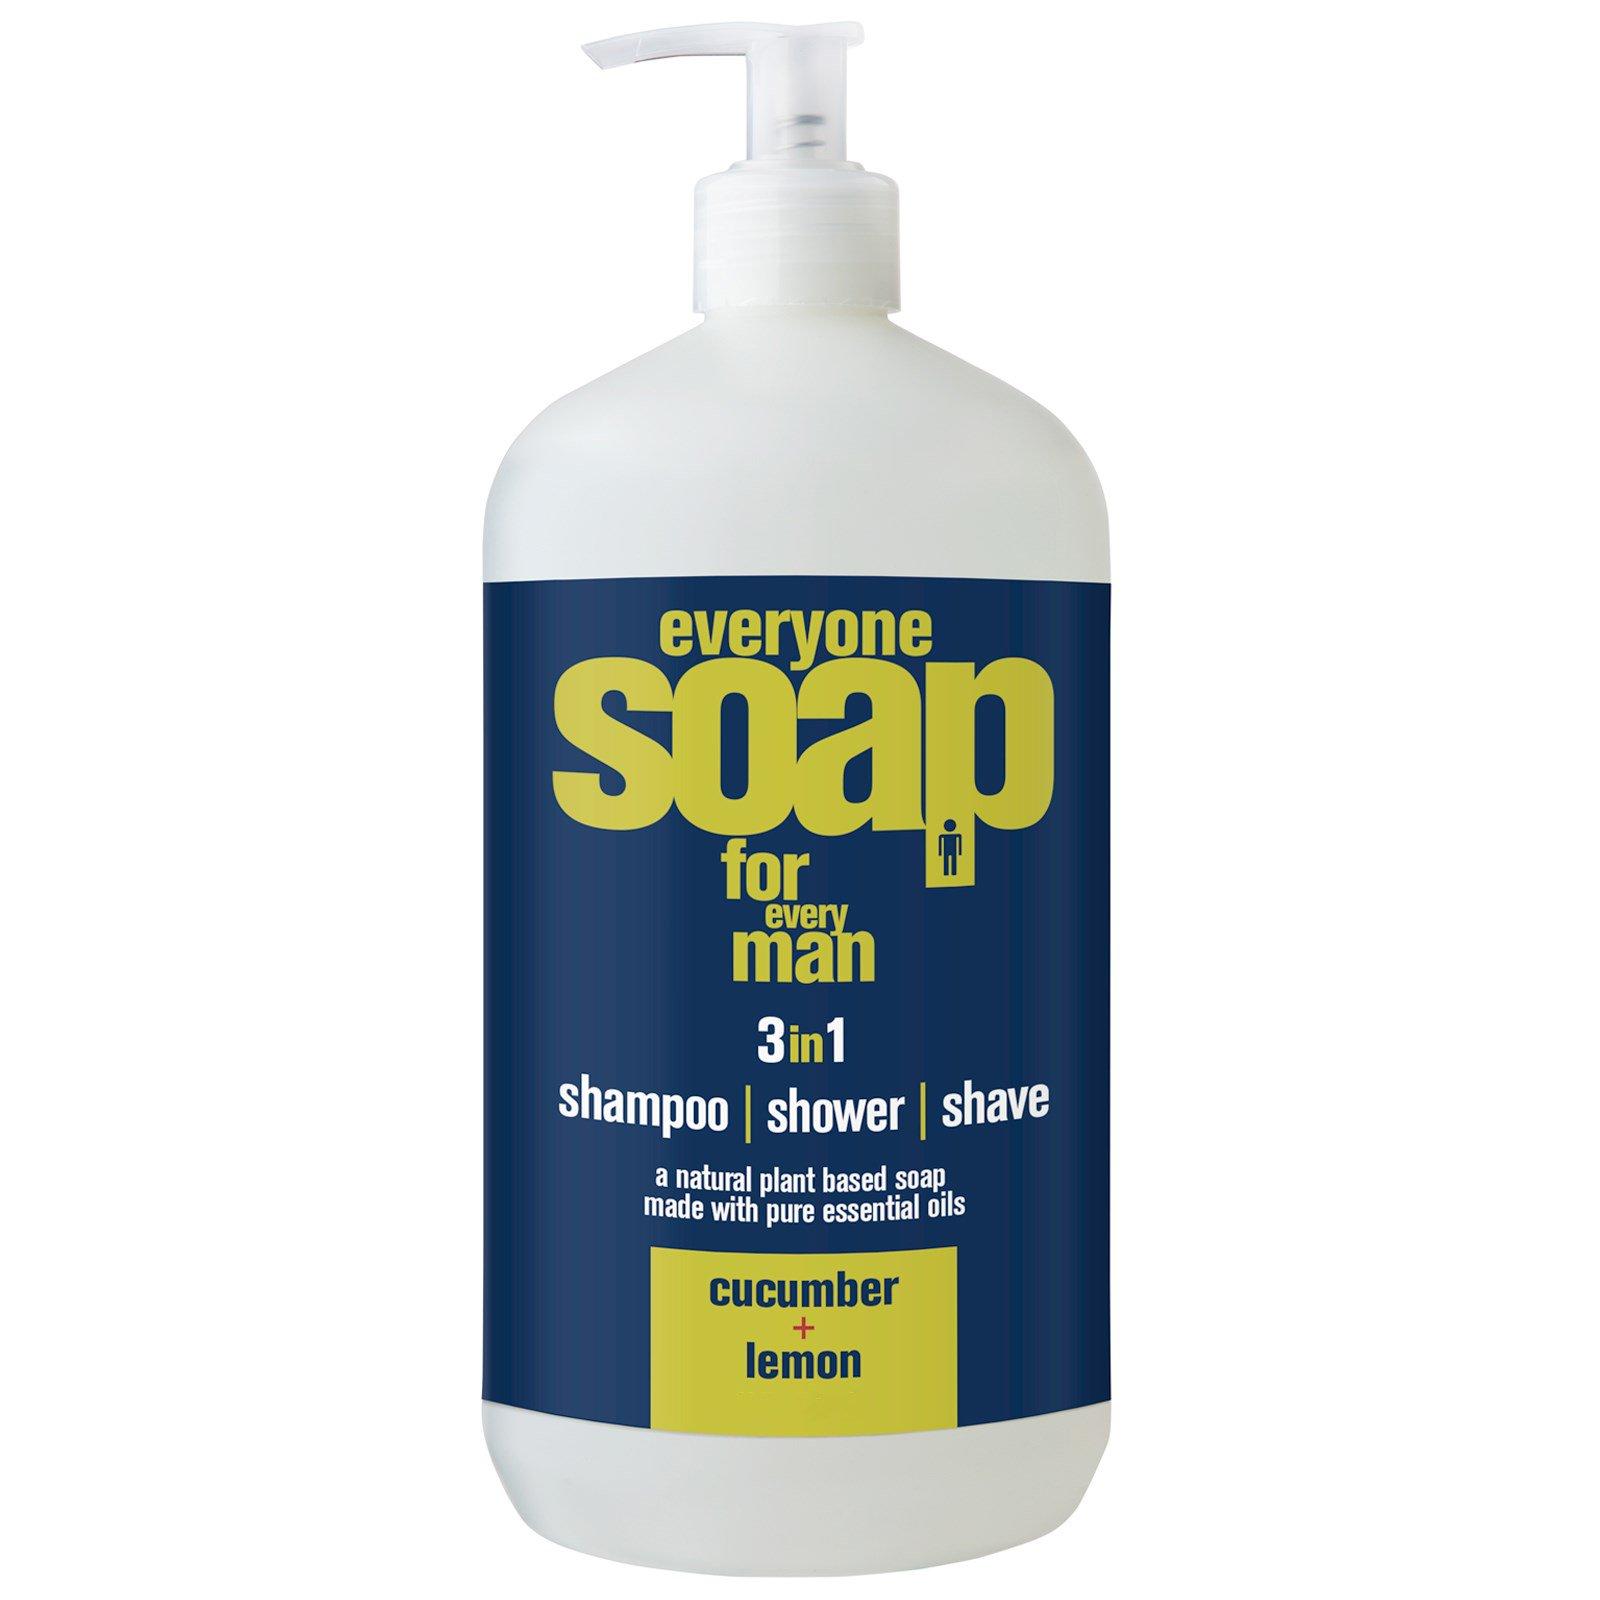 EO Products, Мыло 3в1 для мужчин: шампунь, гель для душа и пена для бритья с ароматом огурца и лимона, 32 жидких унции (960 мл)